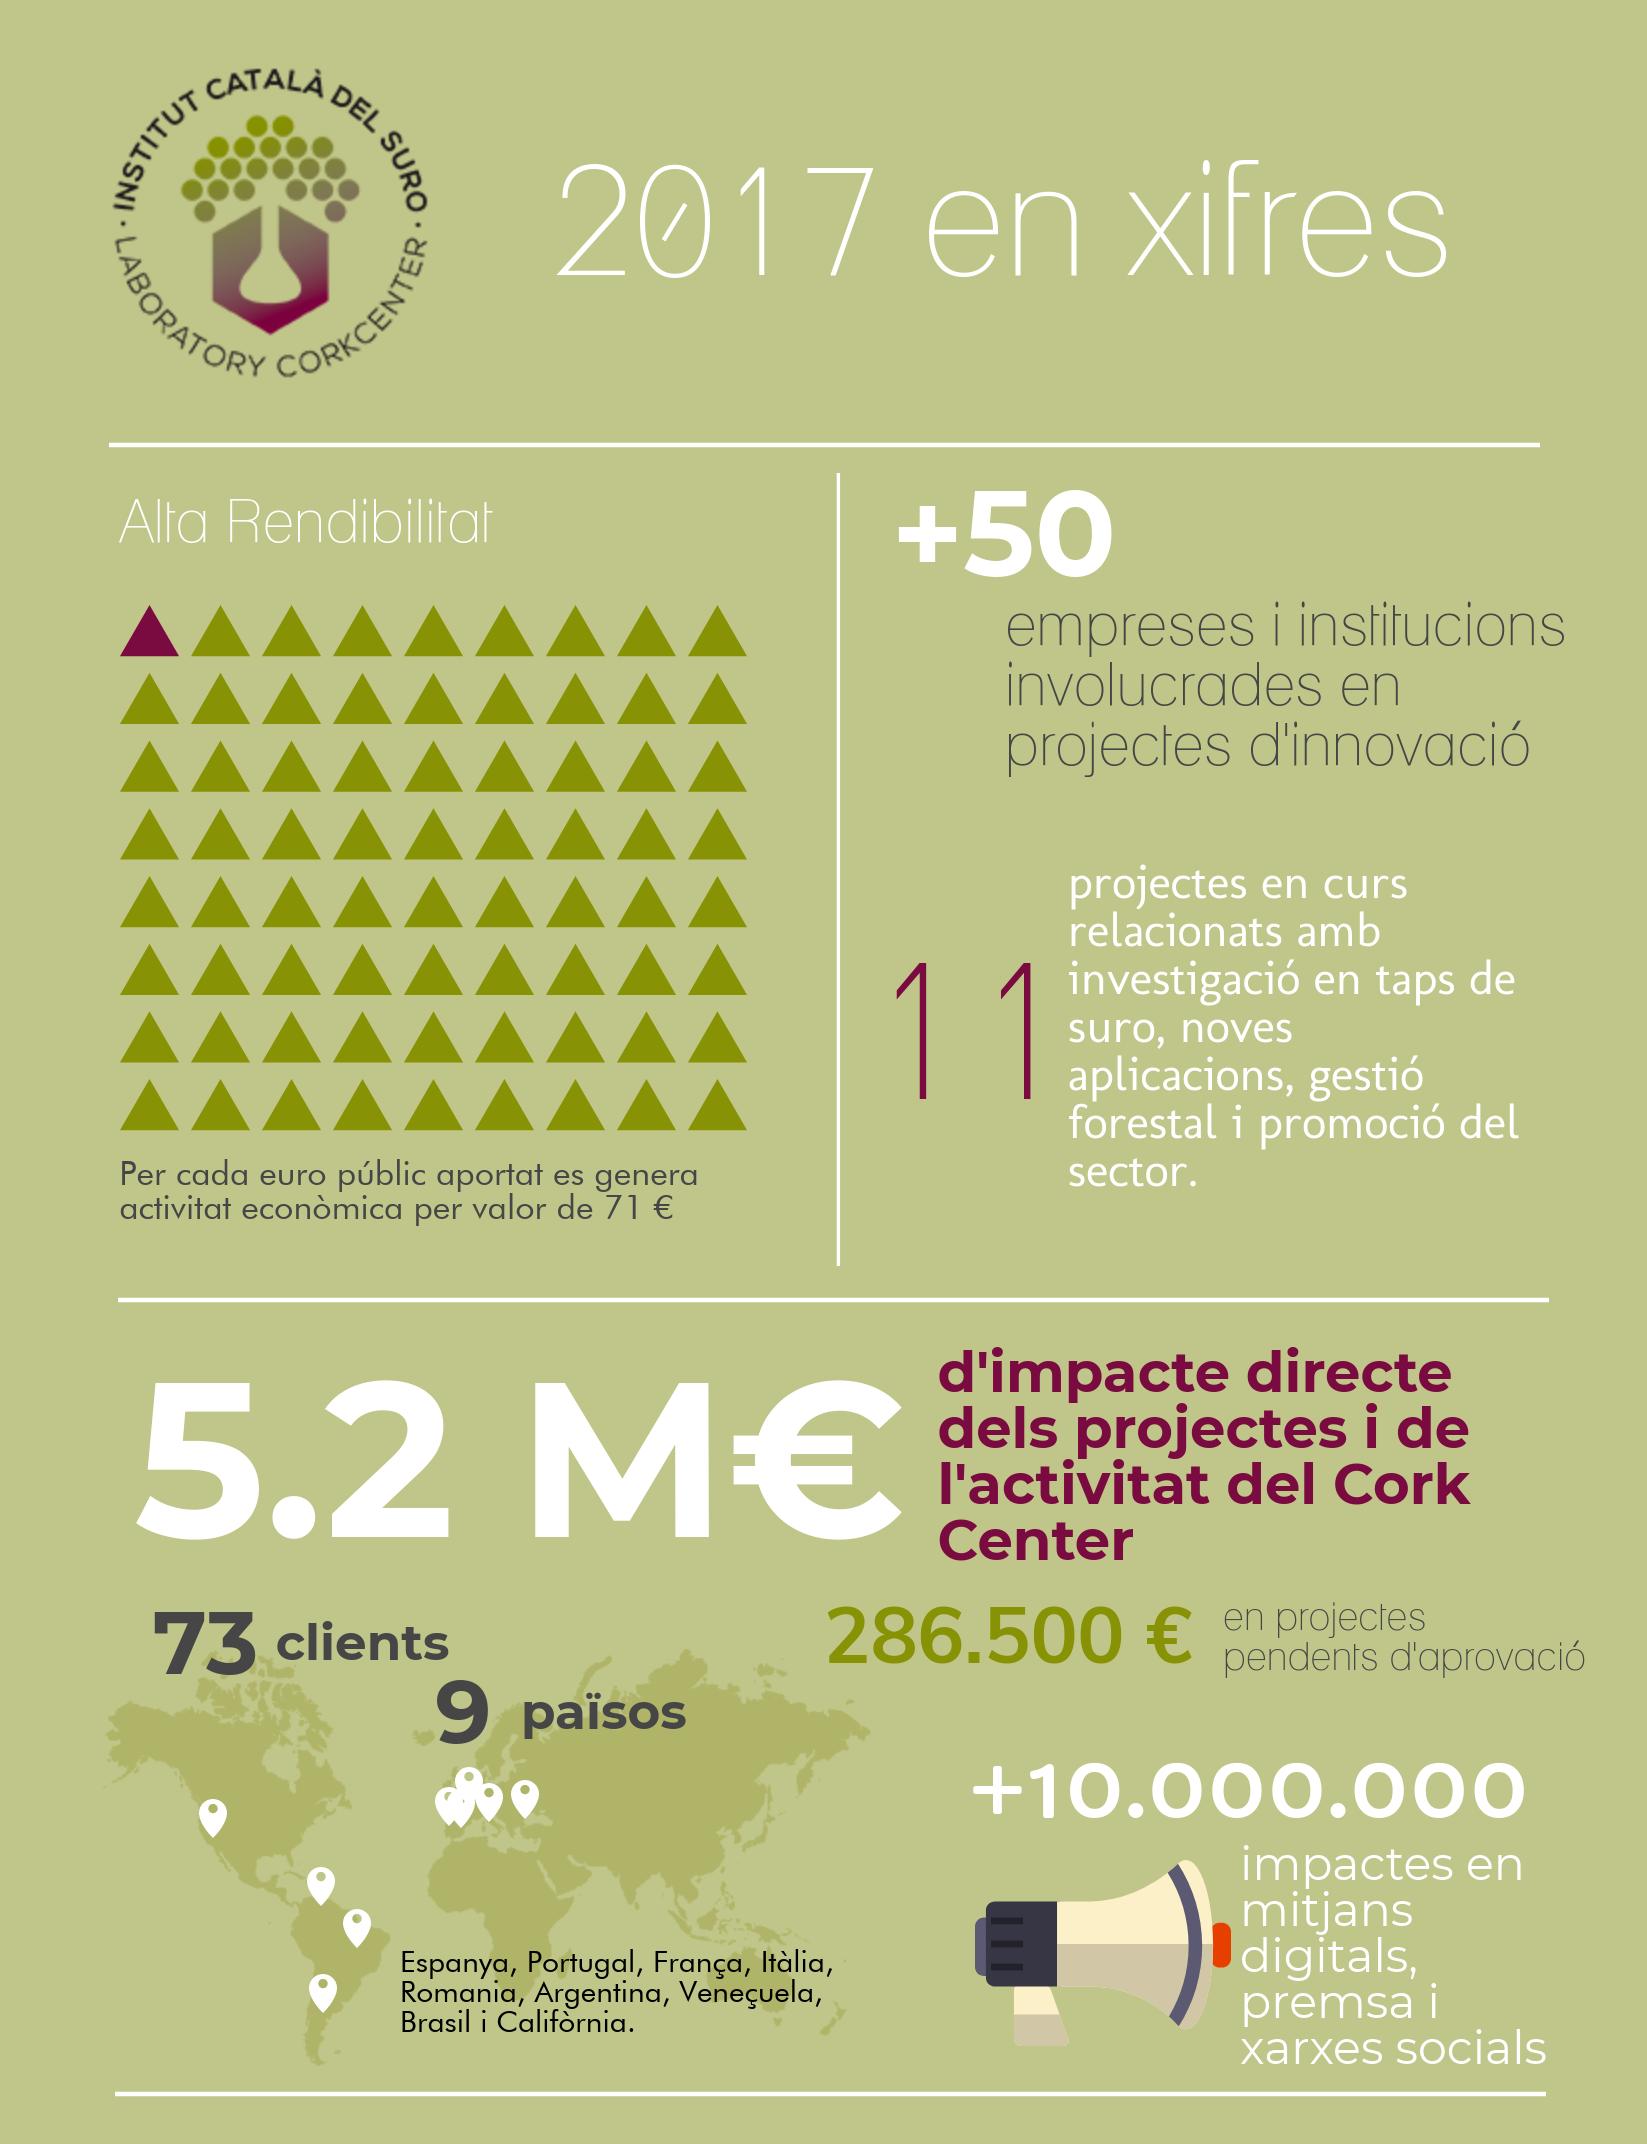 2017 en xifres - ICSuro